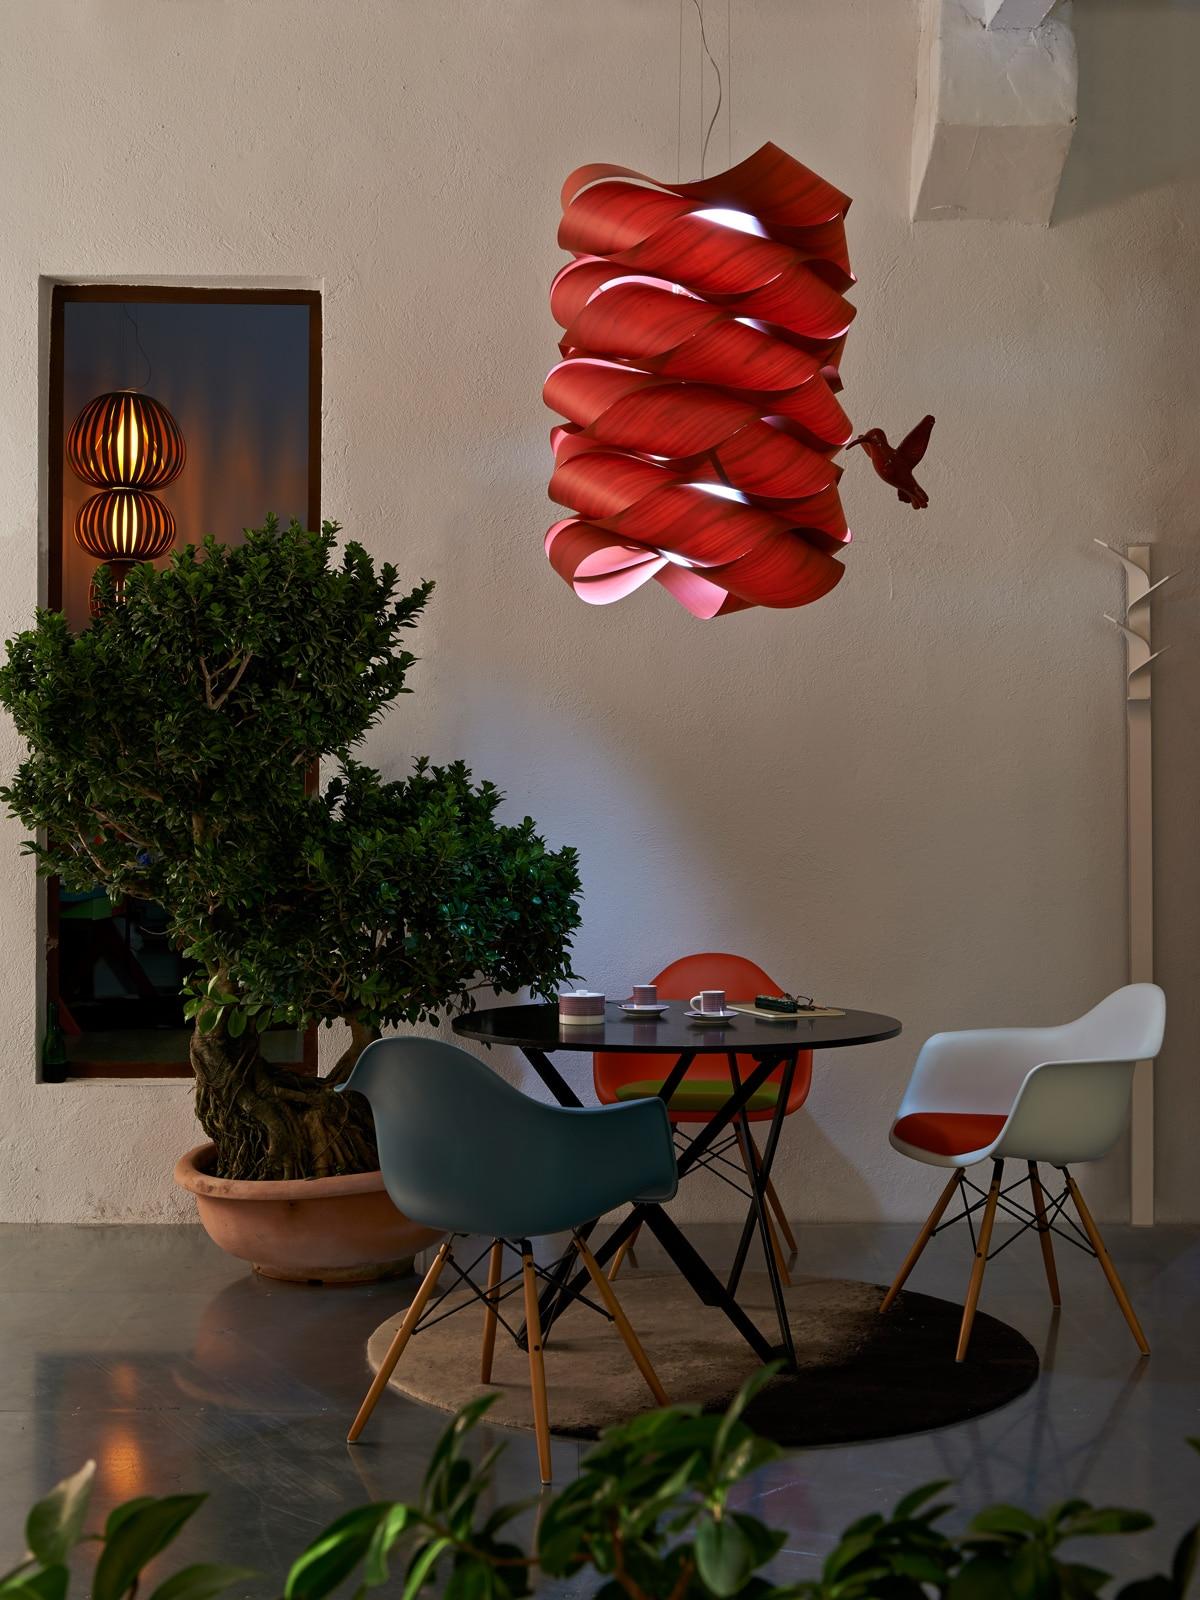 DesignOrt Blog: Faszination Farbe: Holzfurnier von LZF Lamps Link Chain